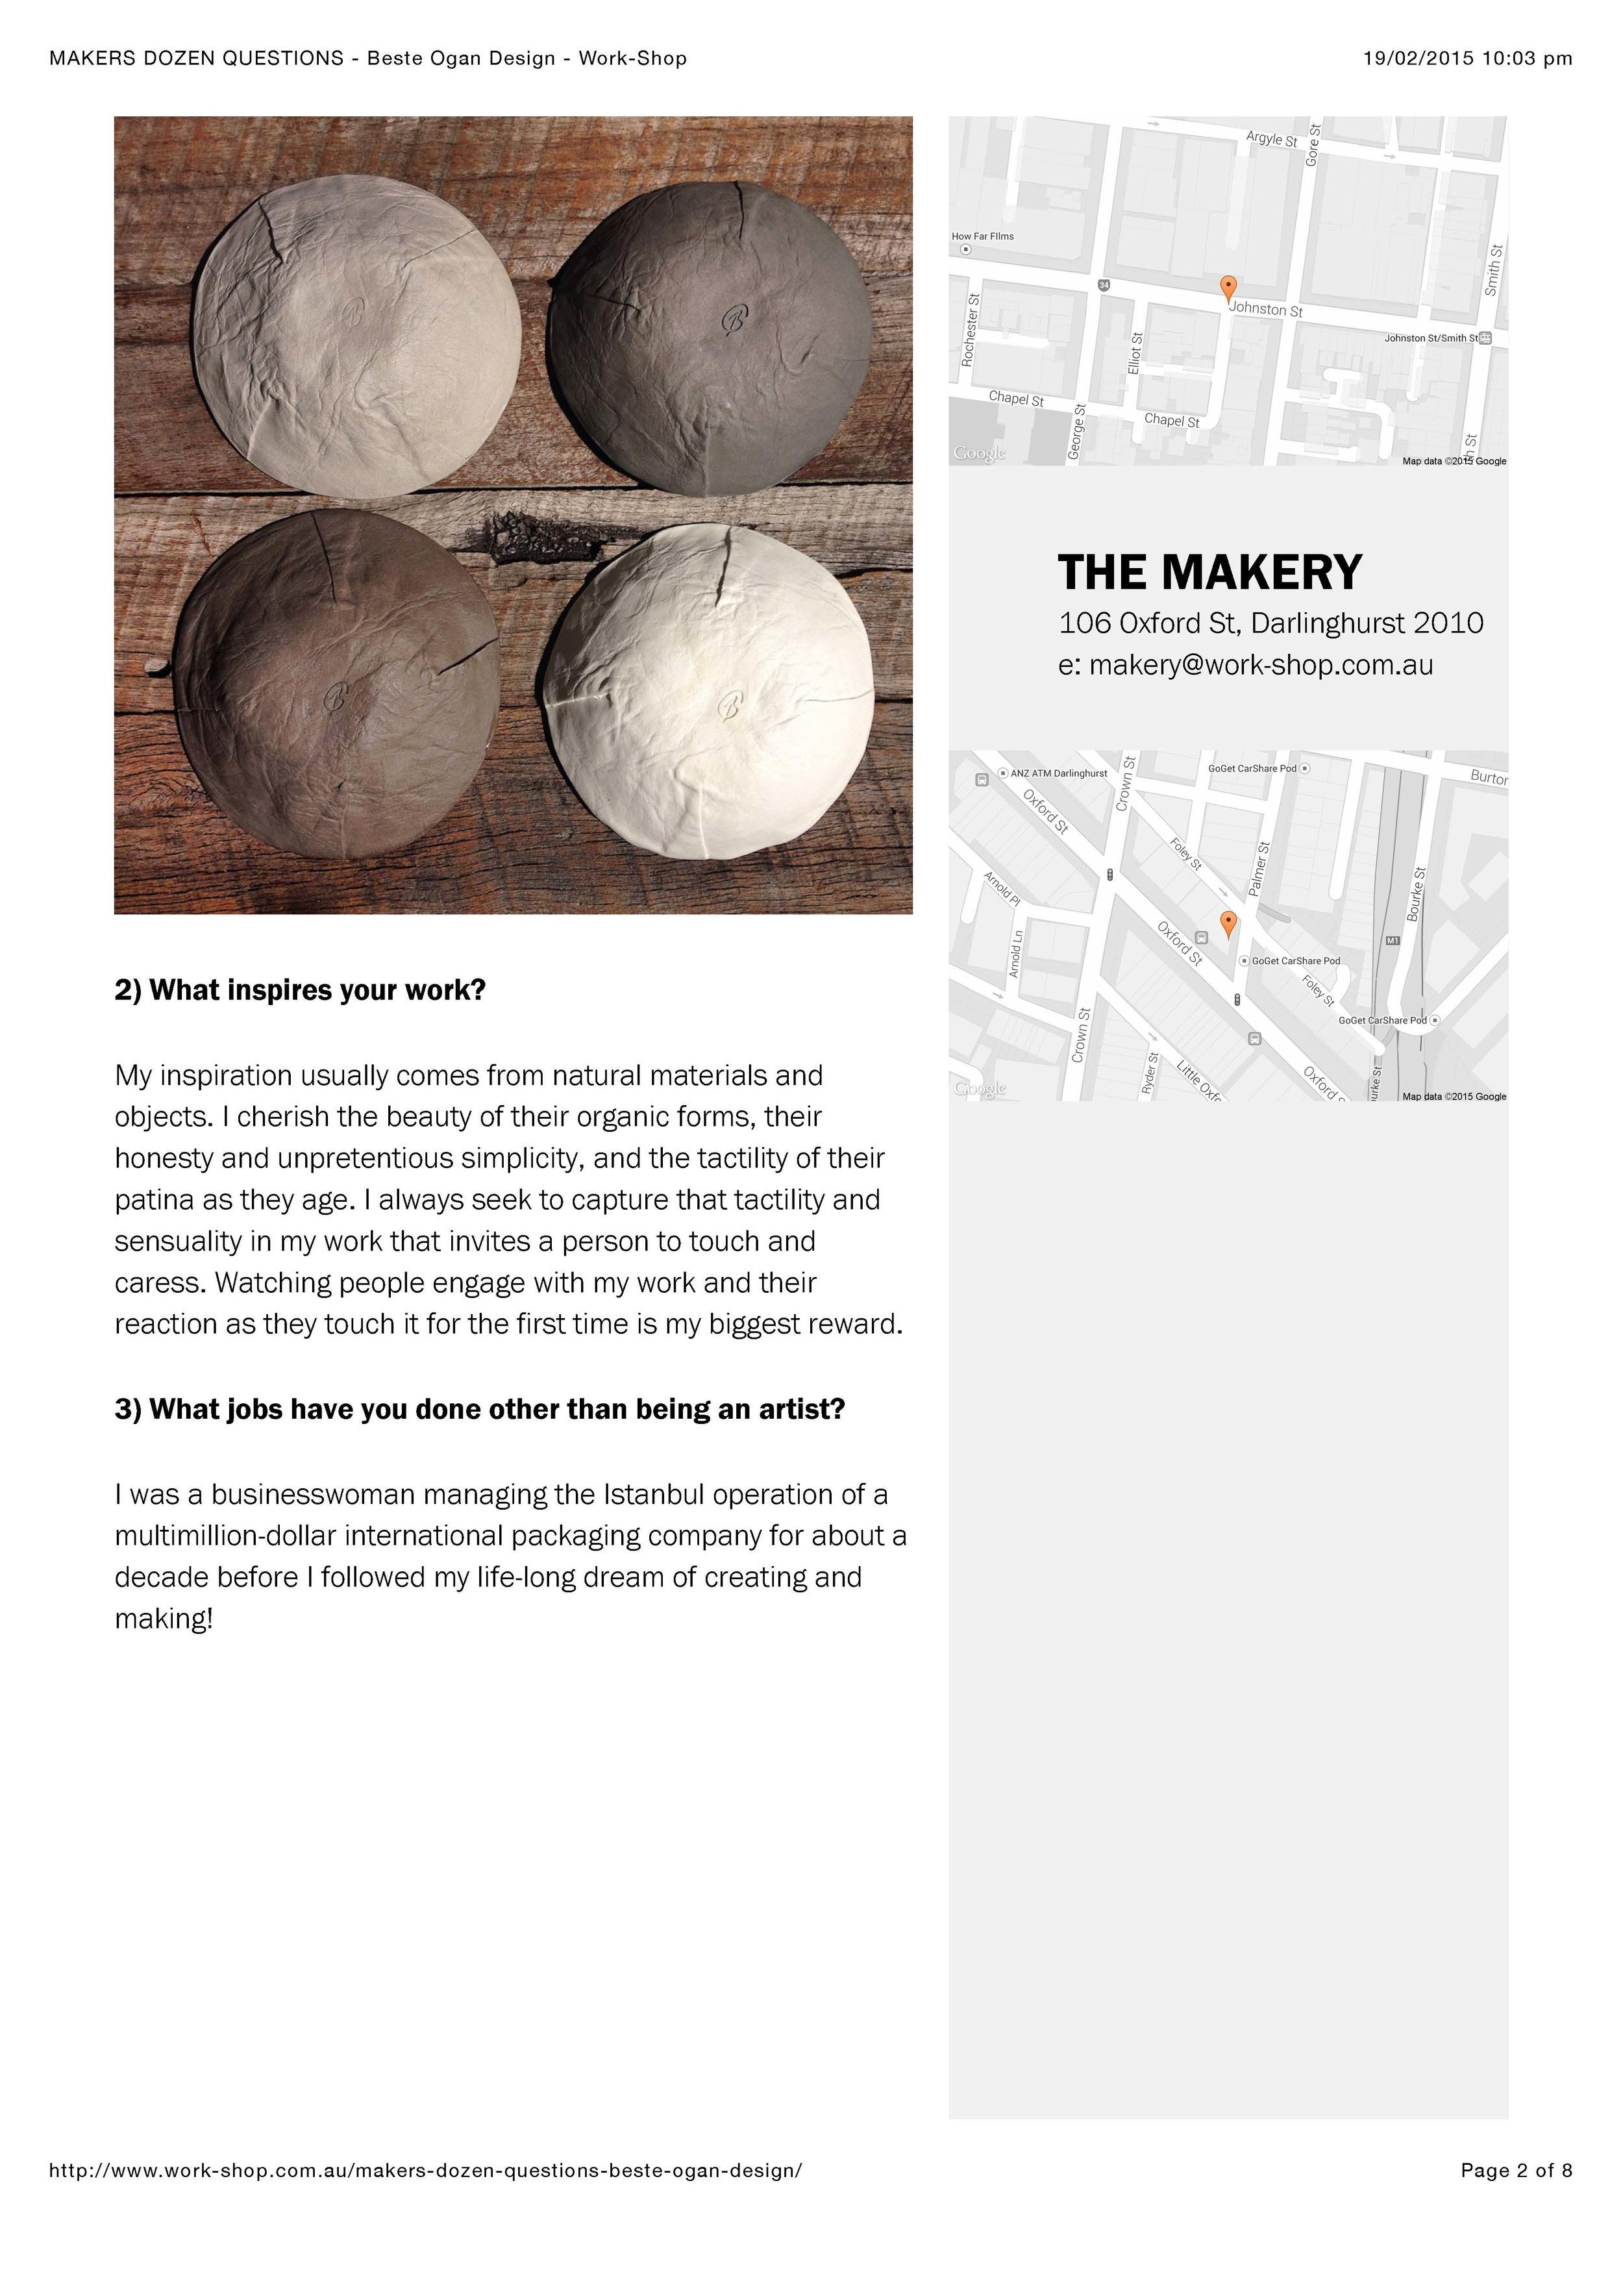 Makers Dozen Questions - Beste Ogan Design 2.jpg